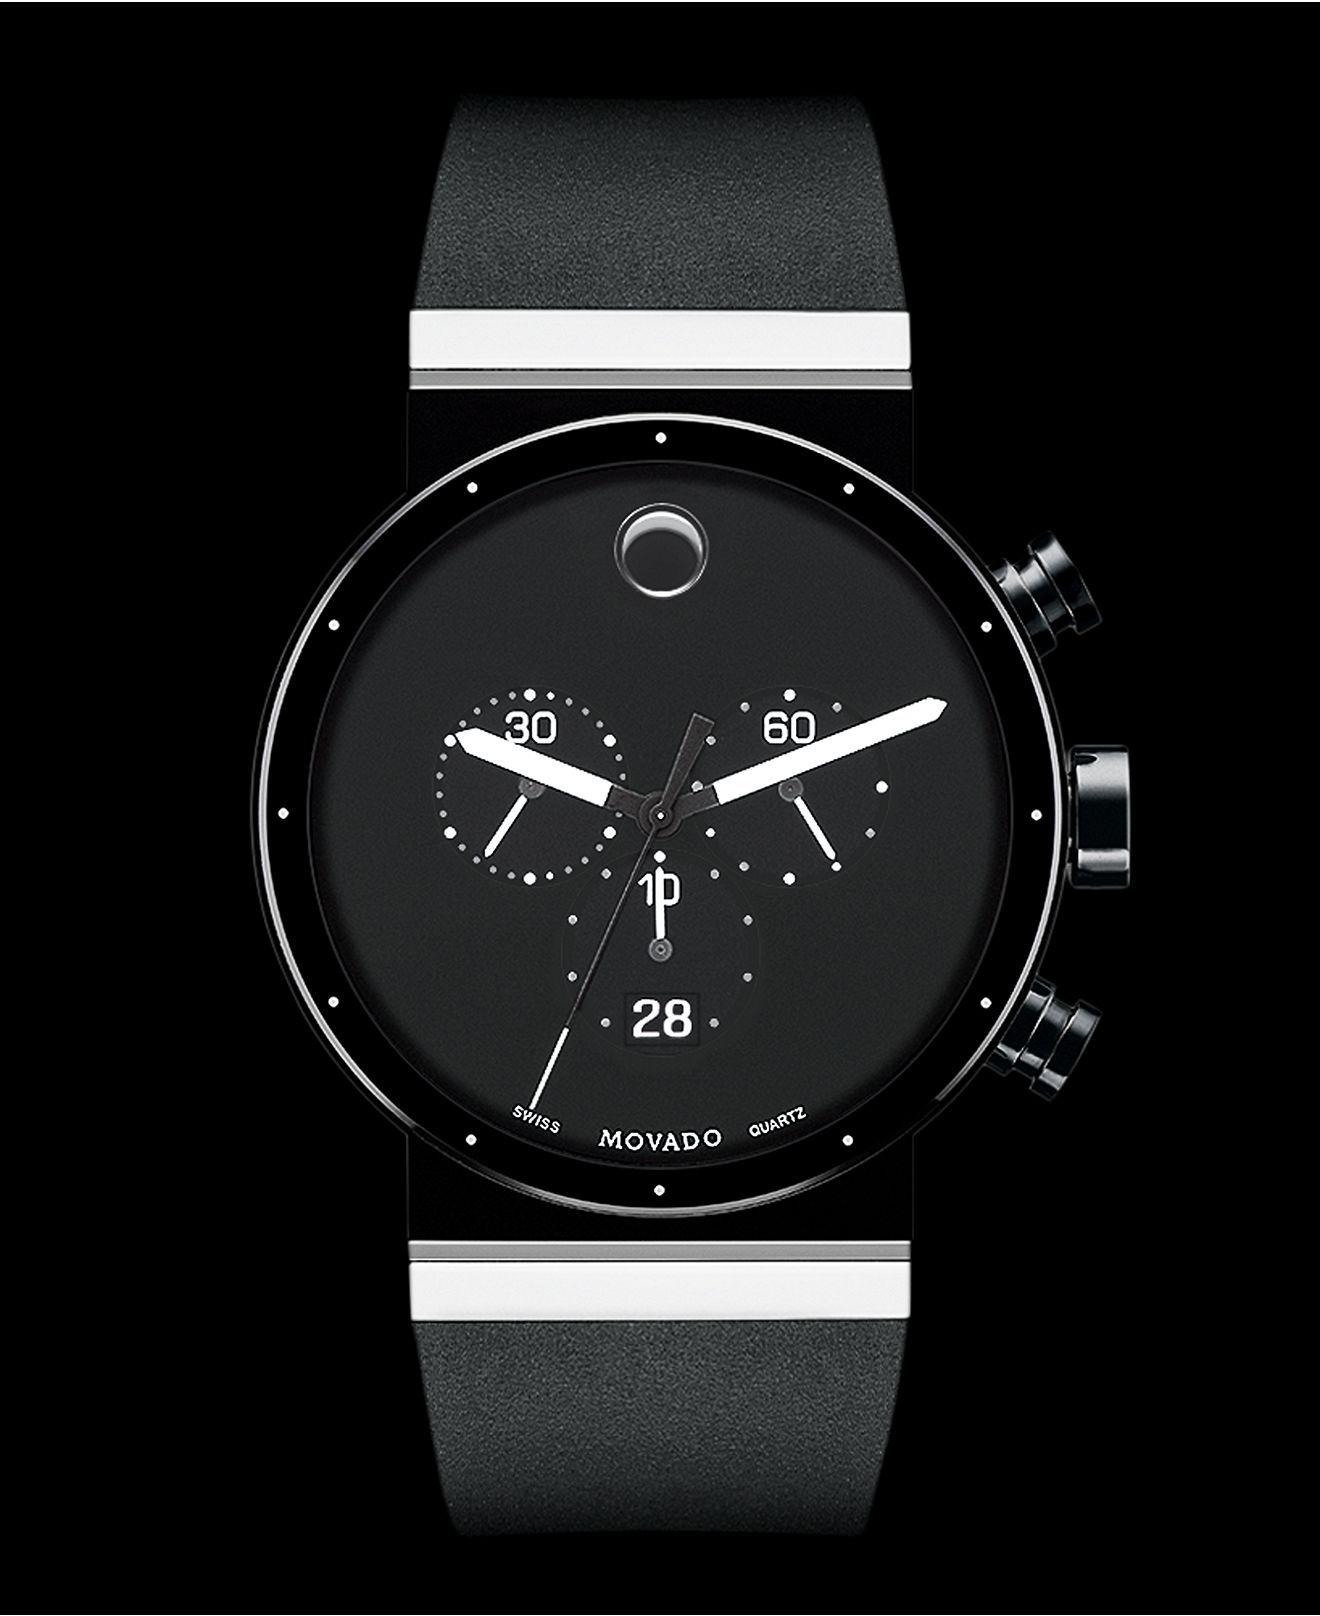 Movado Watch ba994952d